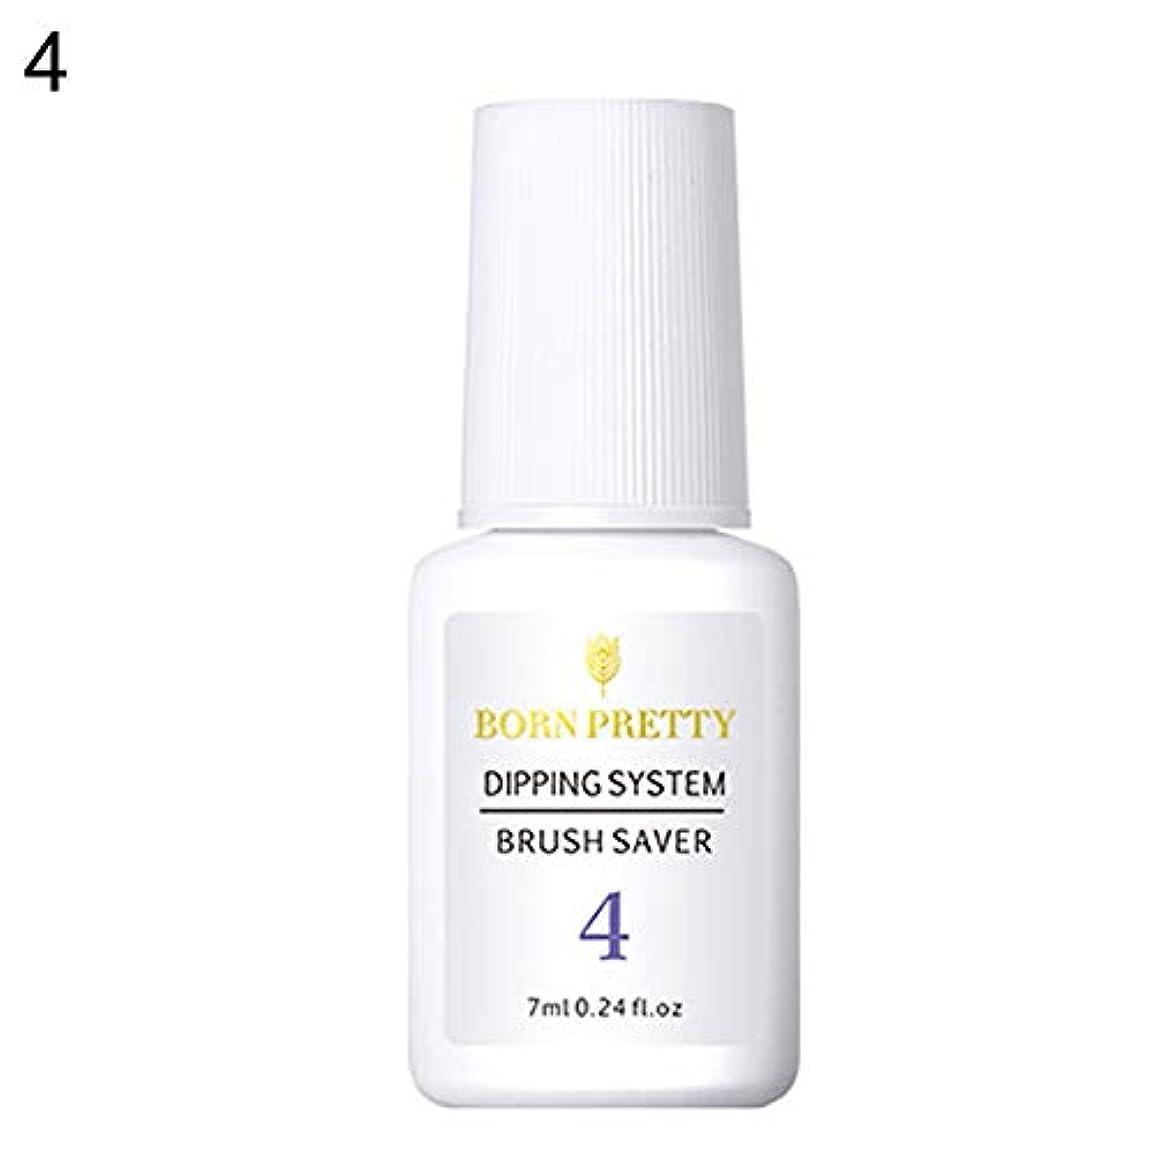 眠いですおかしい不規則なhamulekfae-7ミリリットルトップベースコート液体浸漬パウダー活性剤ブラシセーバーネイルアートワニス 4